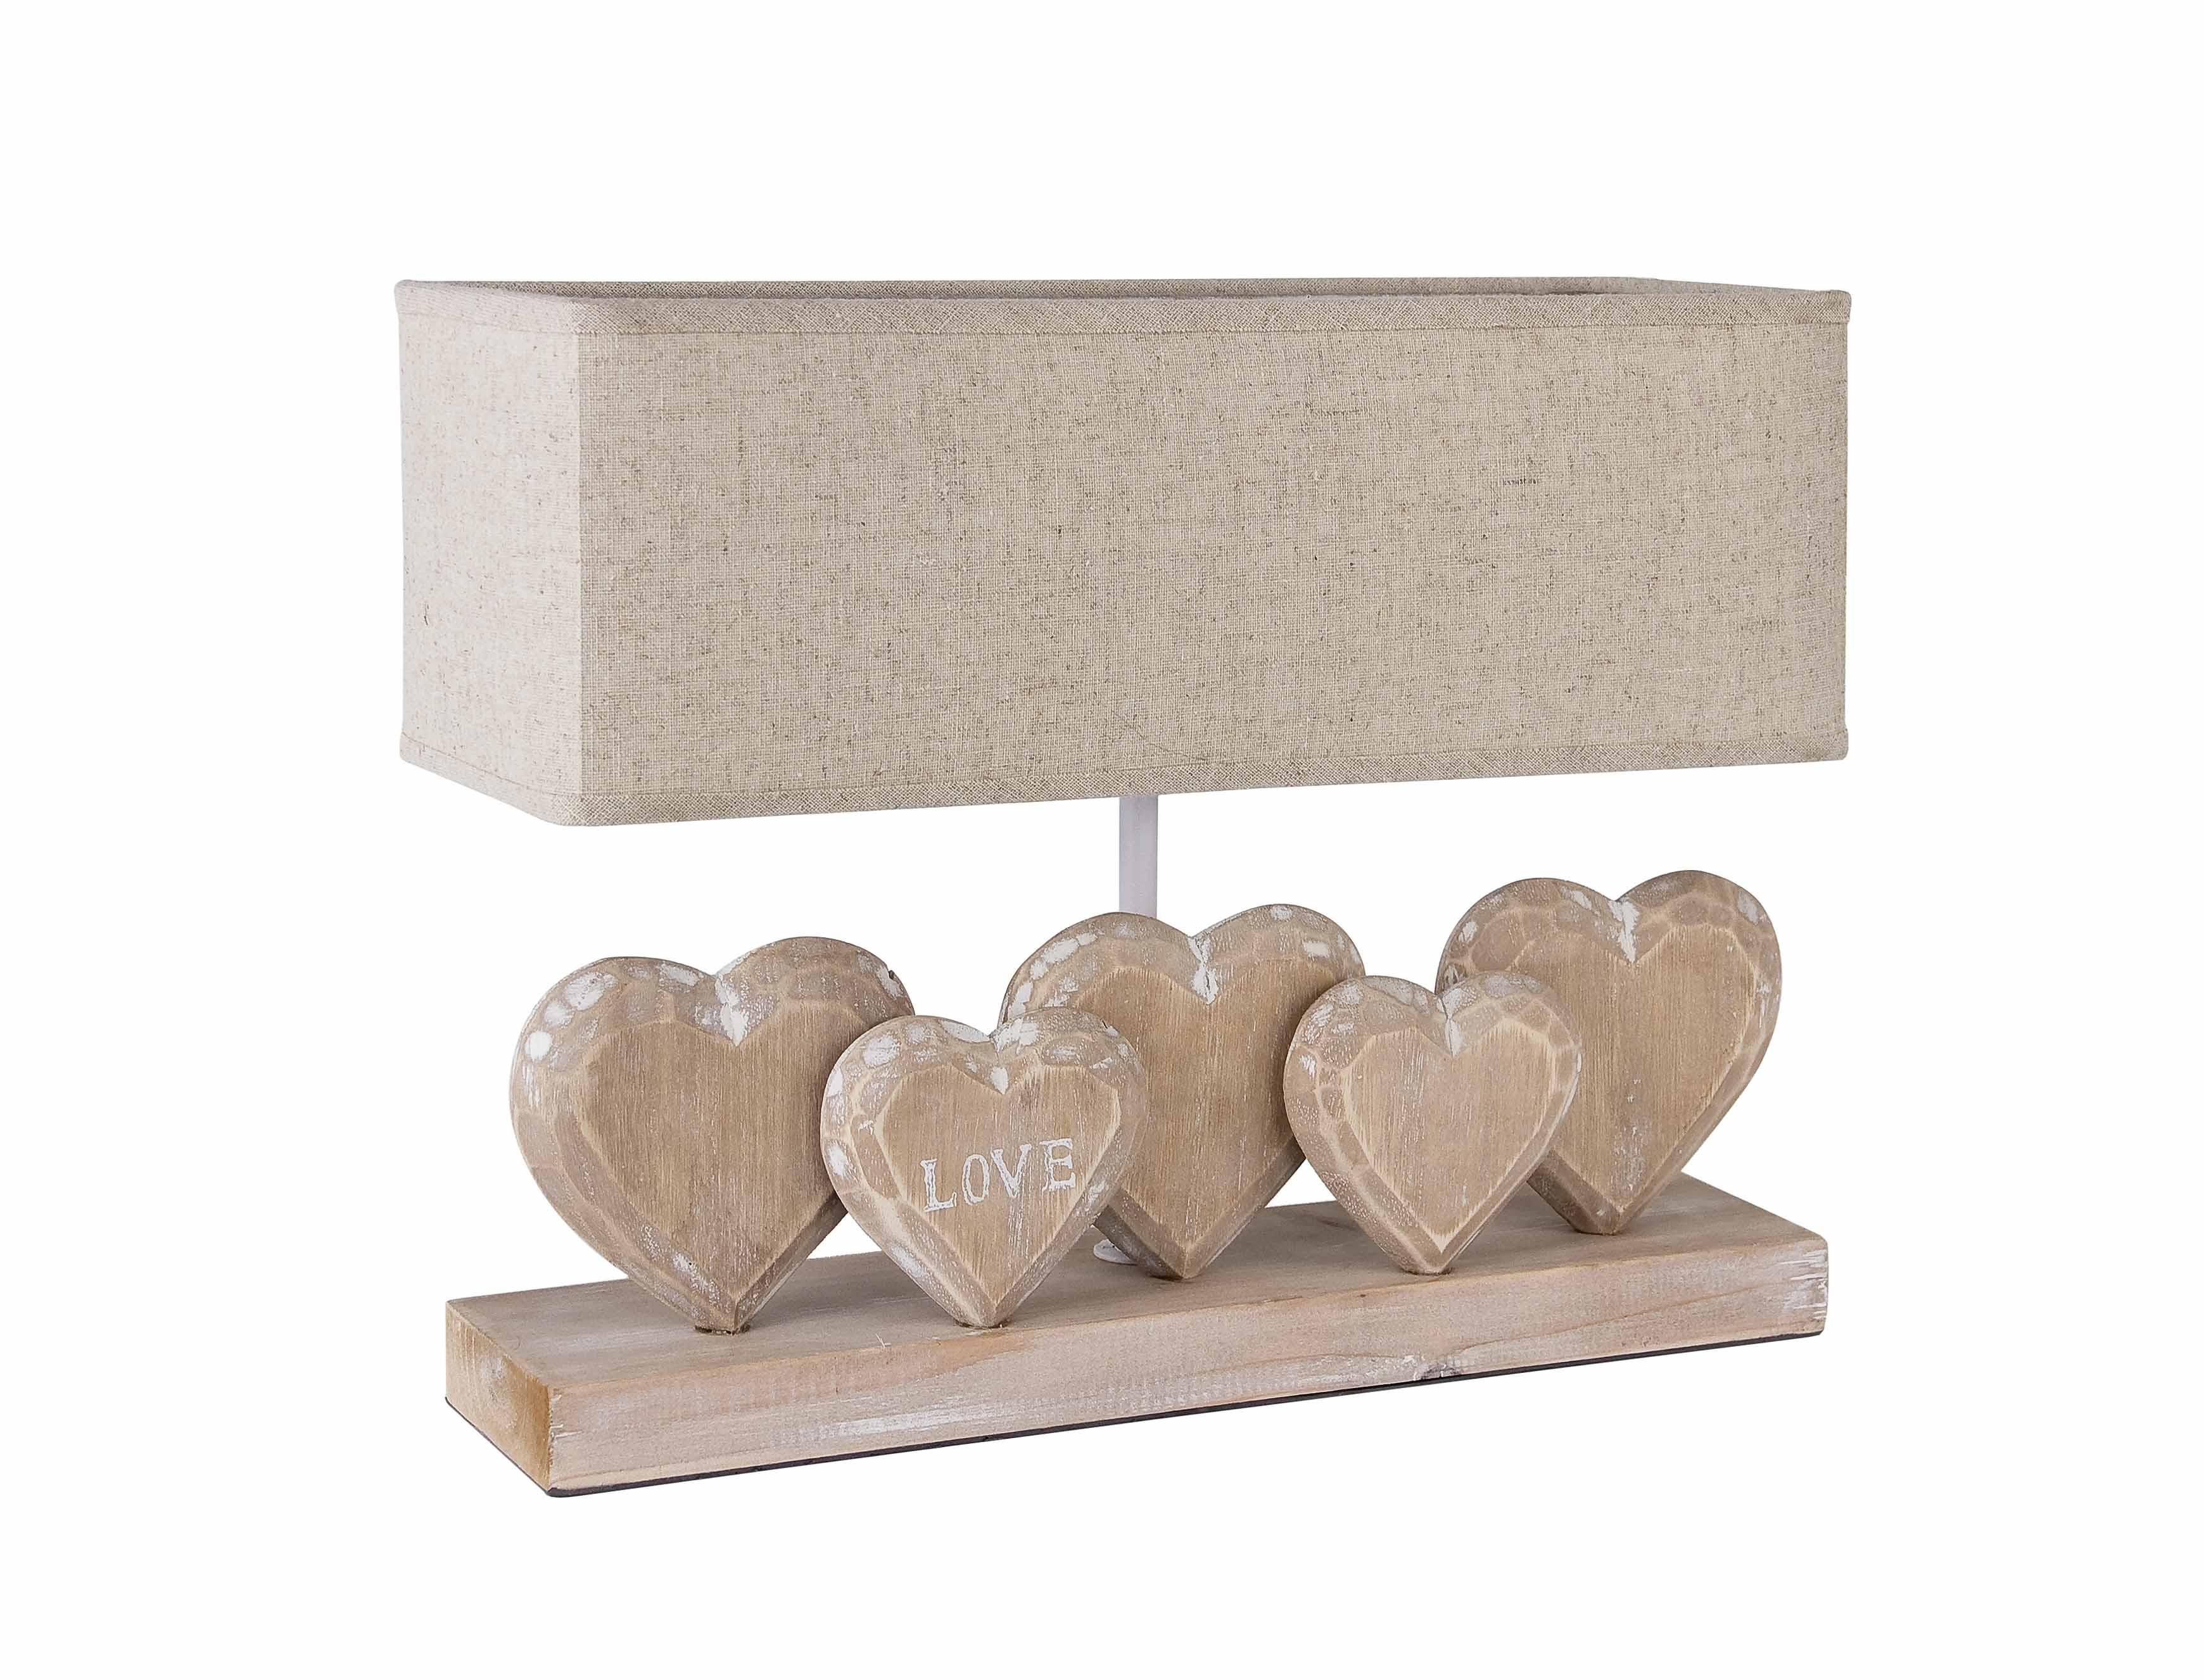 Plafoniere Da Parete In Legno : Moderna lampada da parete in legno massello coperchio di ferro